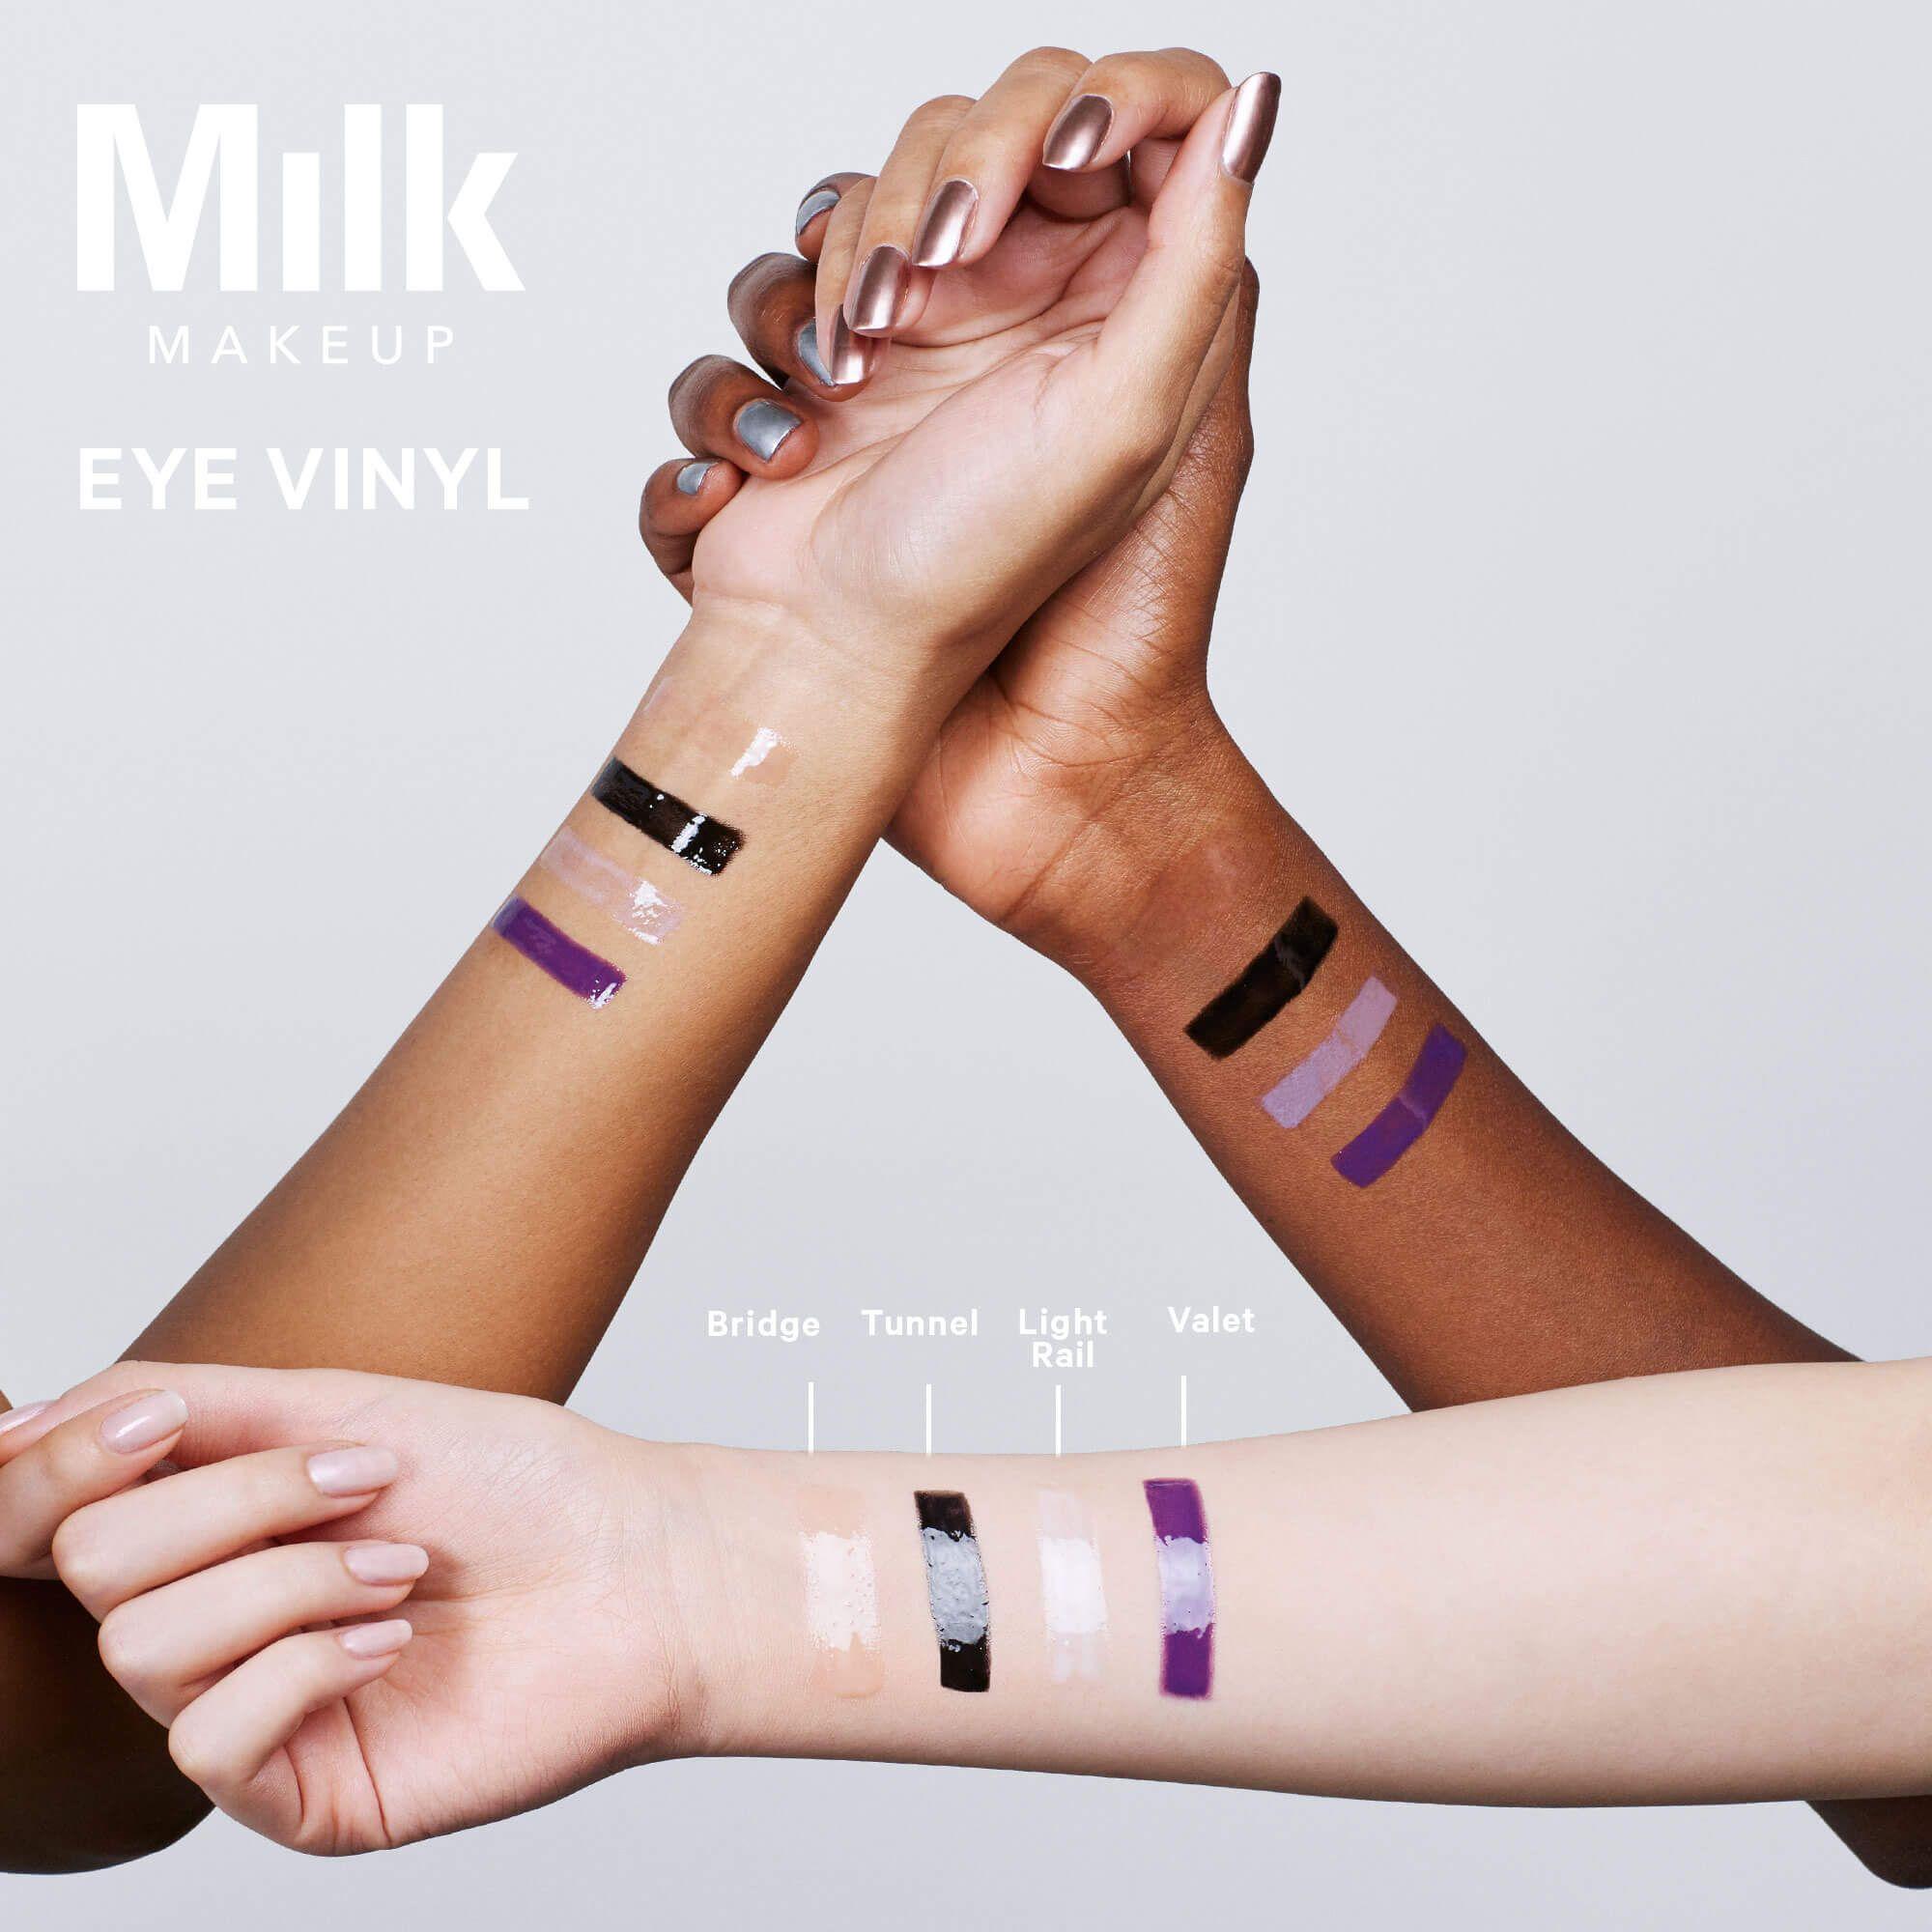 Eye Vinyl Milk Makeup Milk makeup, Eye makeup, Makeup